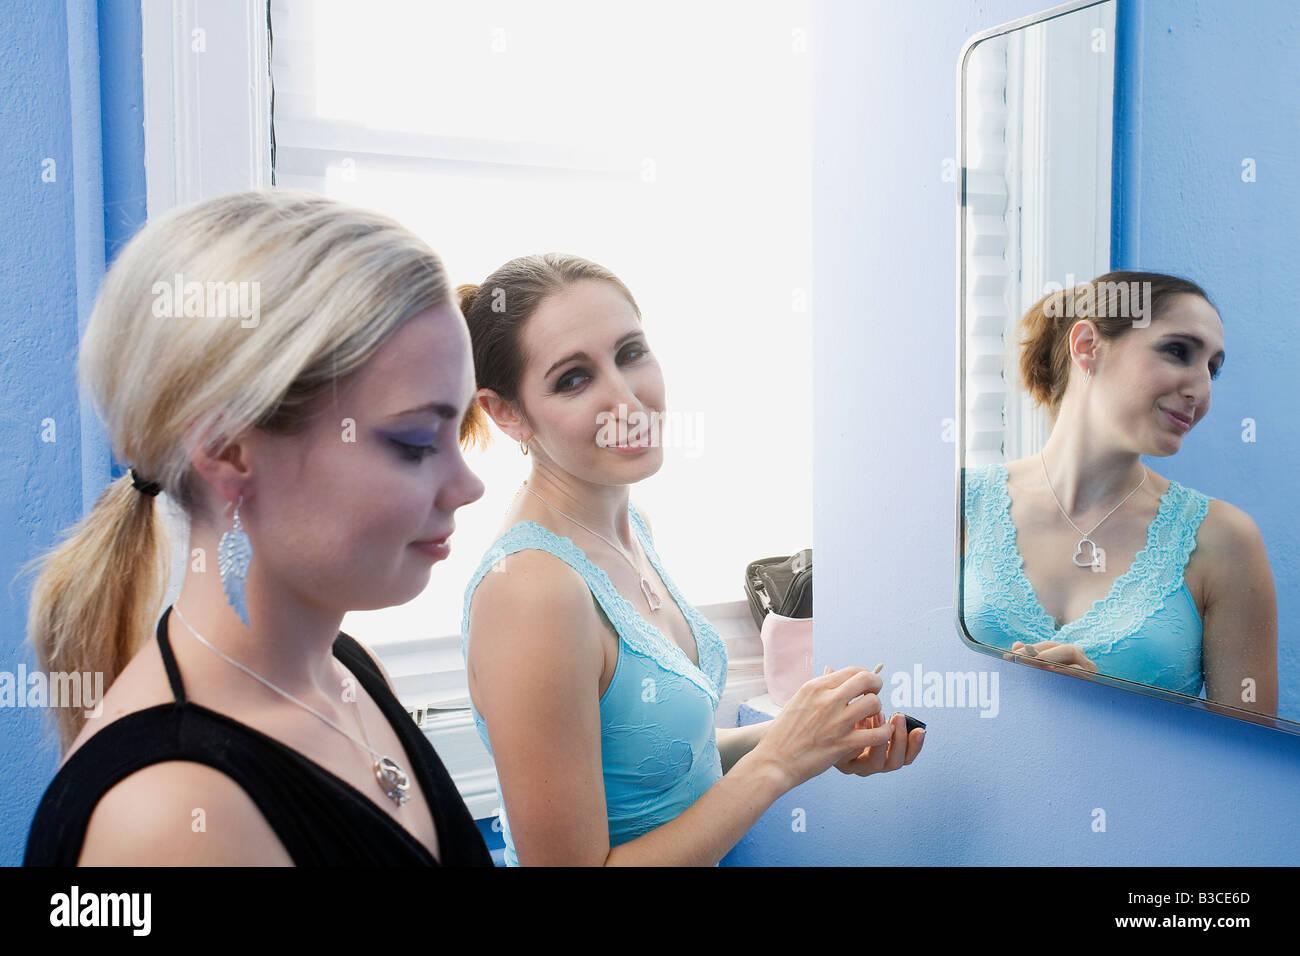 Las mujeres jóvenes de pie delante del espejo Foto de stock